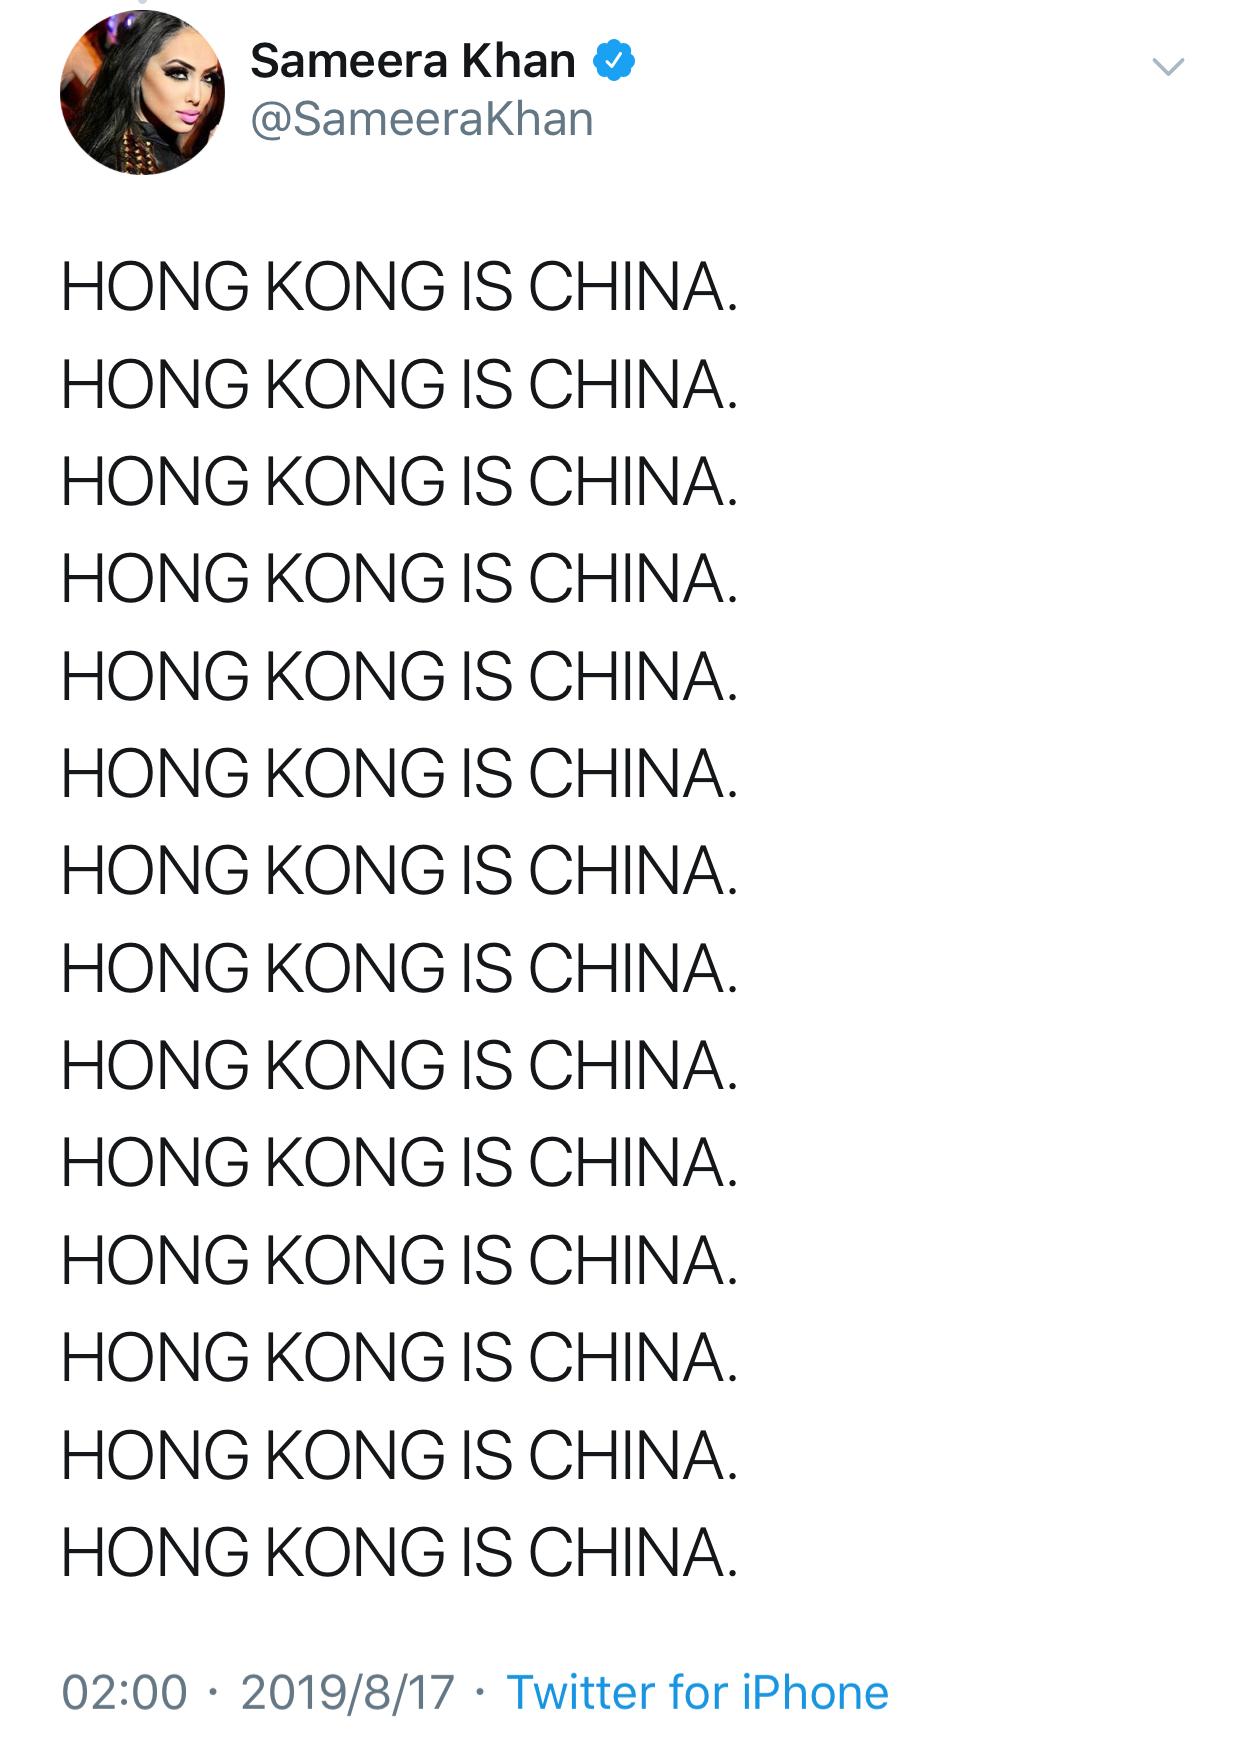 选美冠军怼希拉里怎么回事 霸气回复:别插手中国内政,你这可悲的过气政客